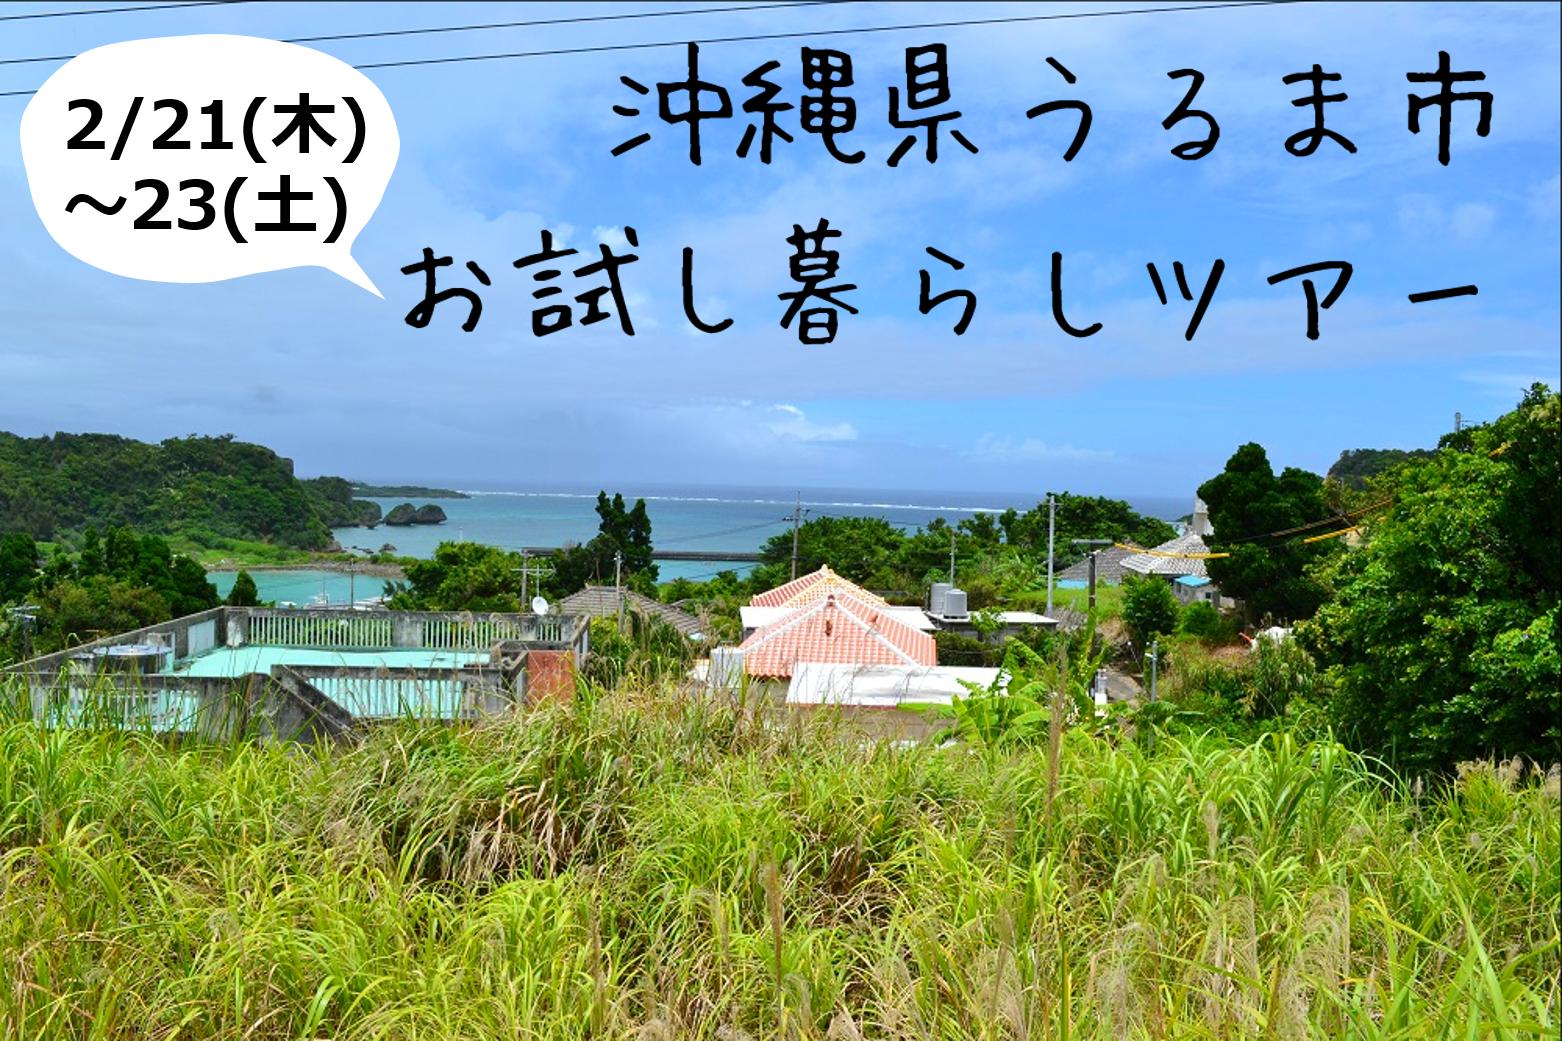 【受付終了】沖縄県うるま市お試し暮らしツアー~イチチぬ島の人と日常を探る3日間~